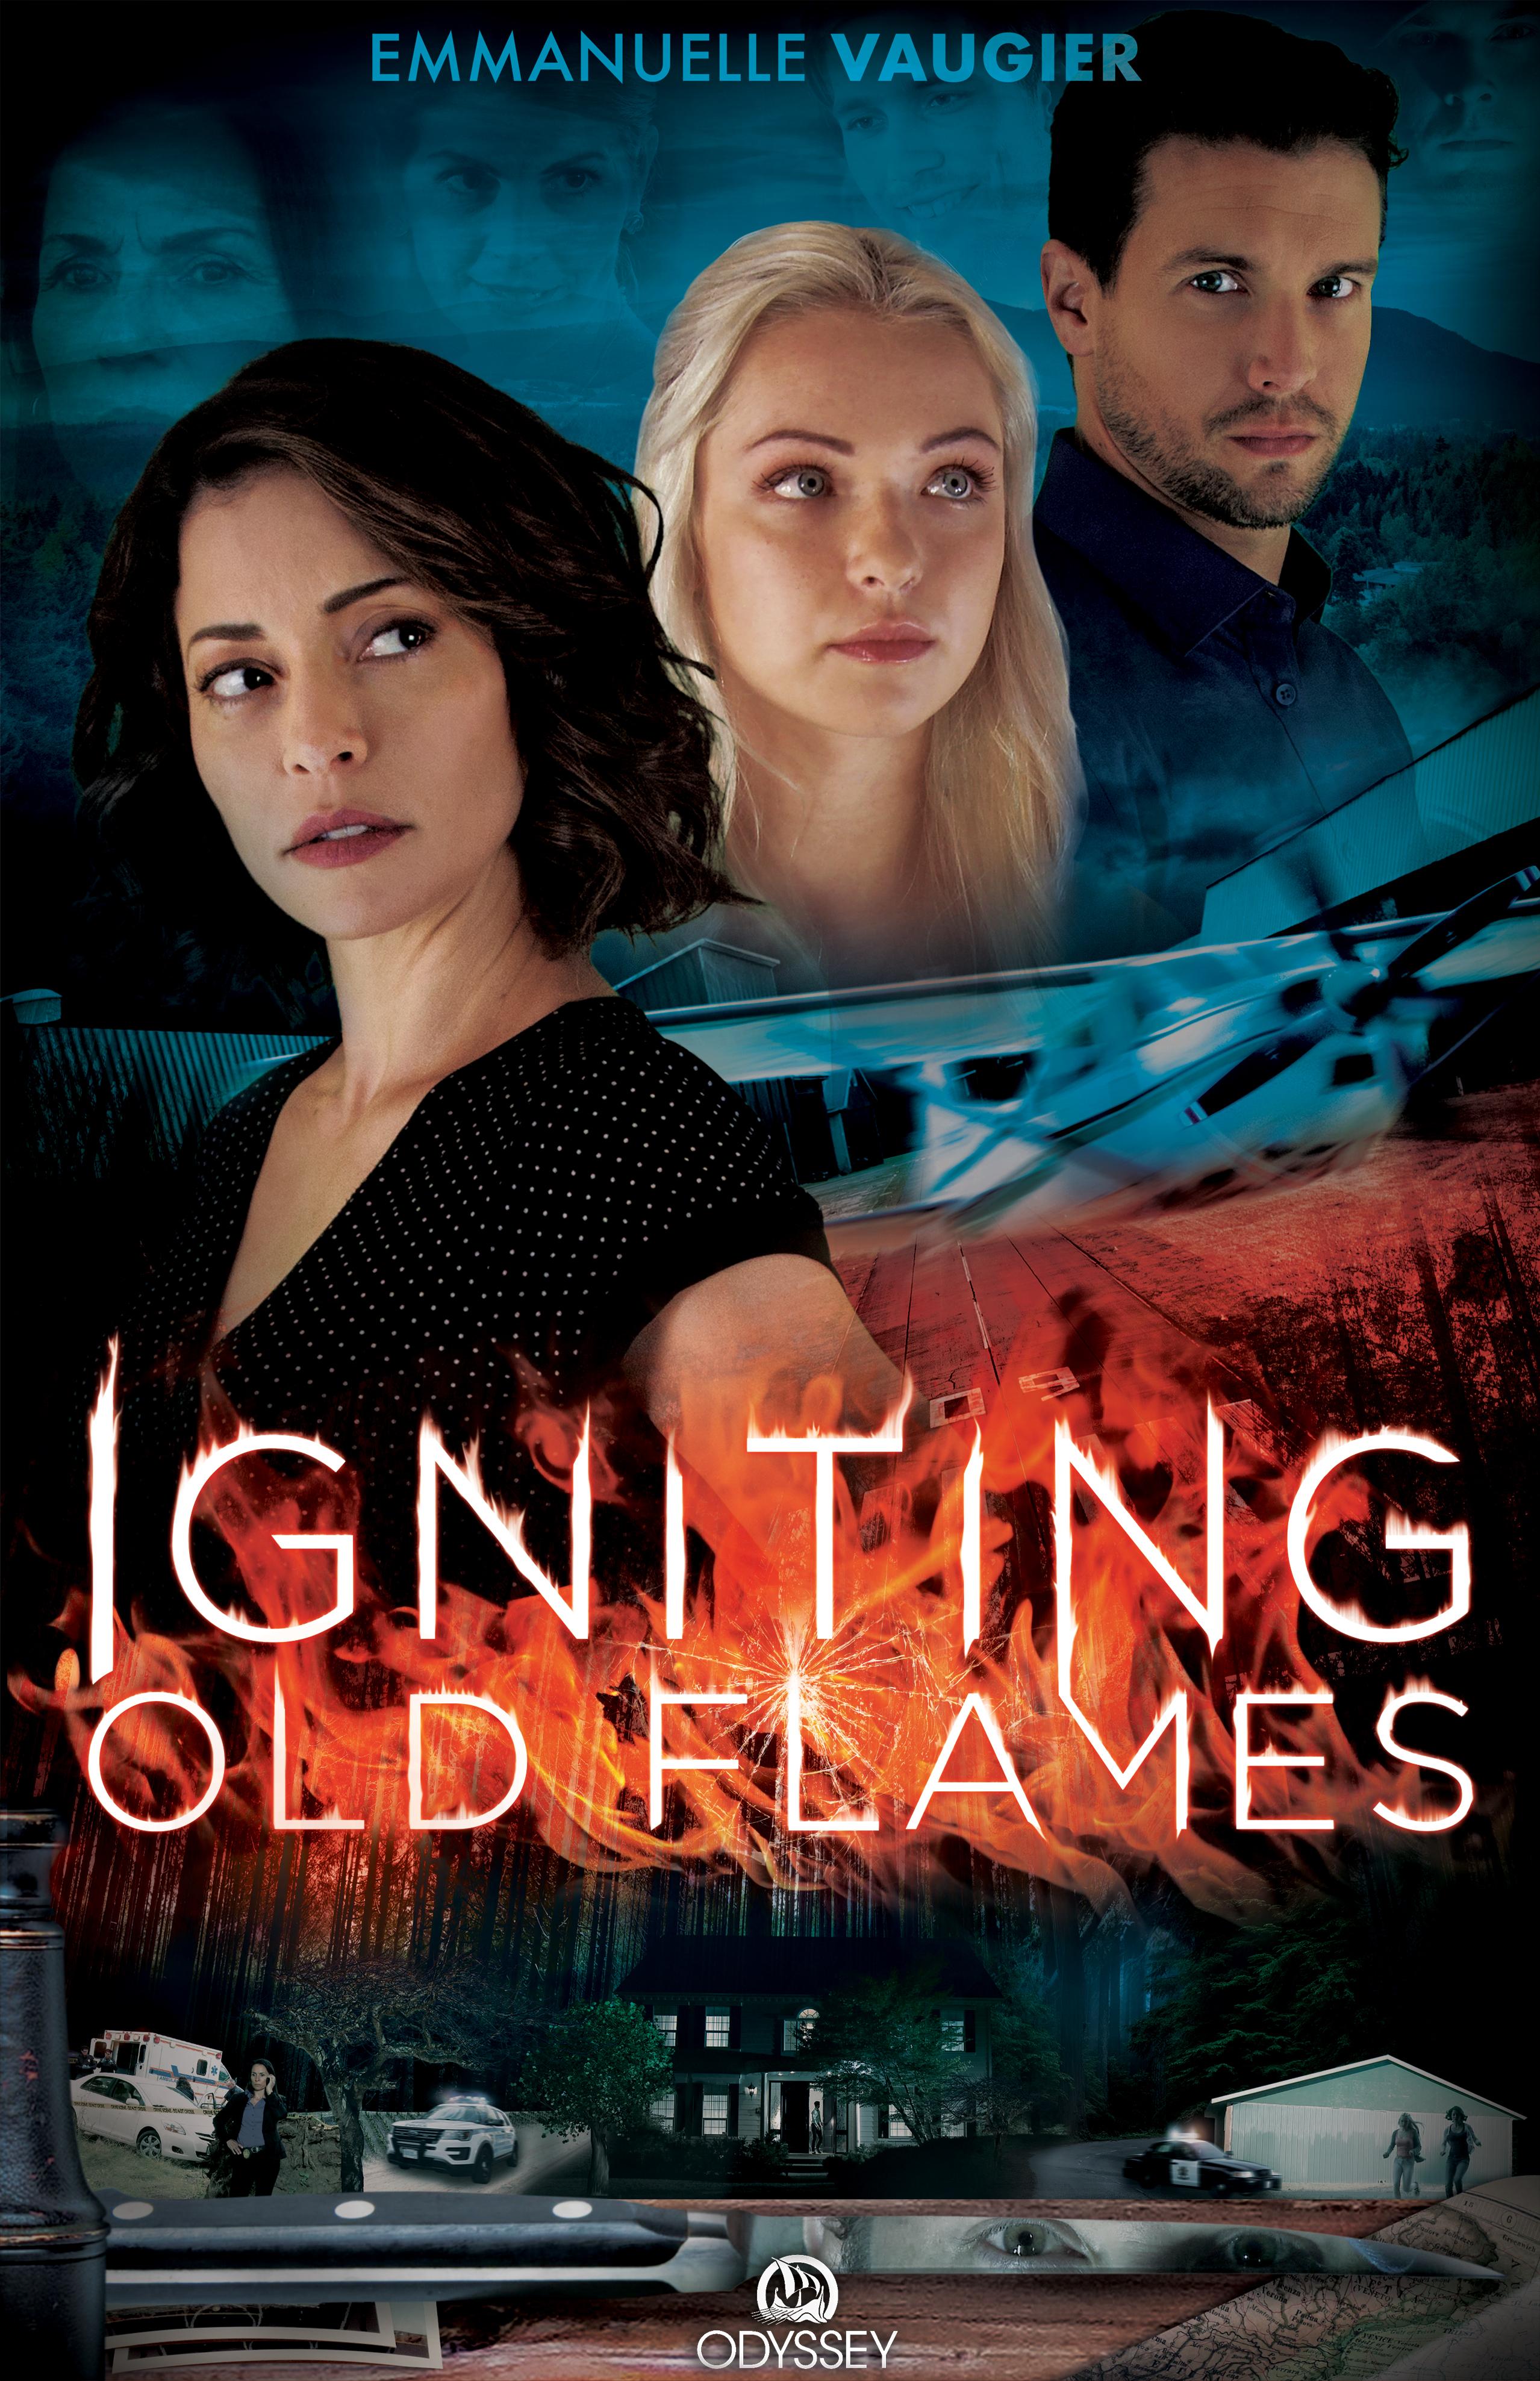 IgnitingOldFlames_Draft_1.5L